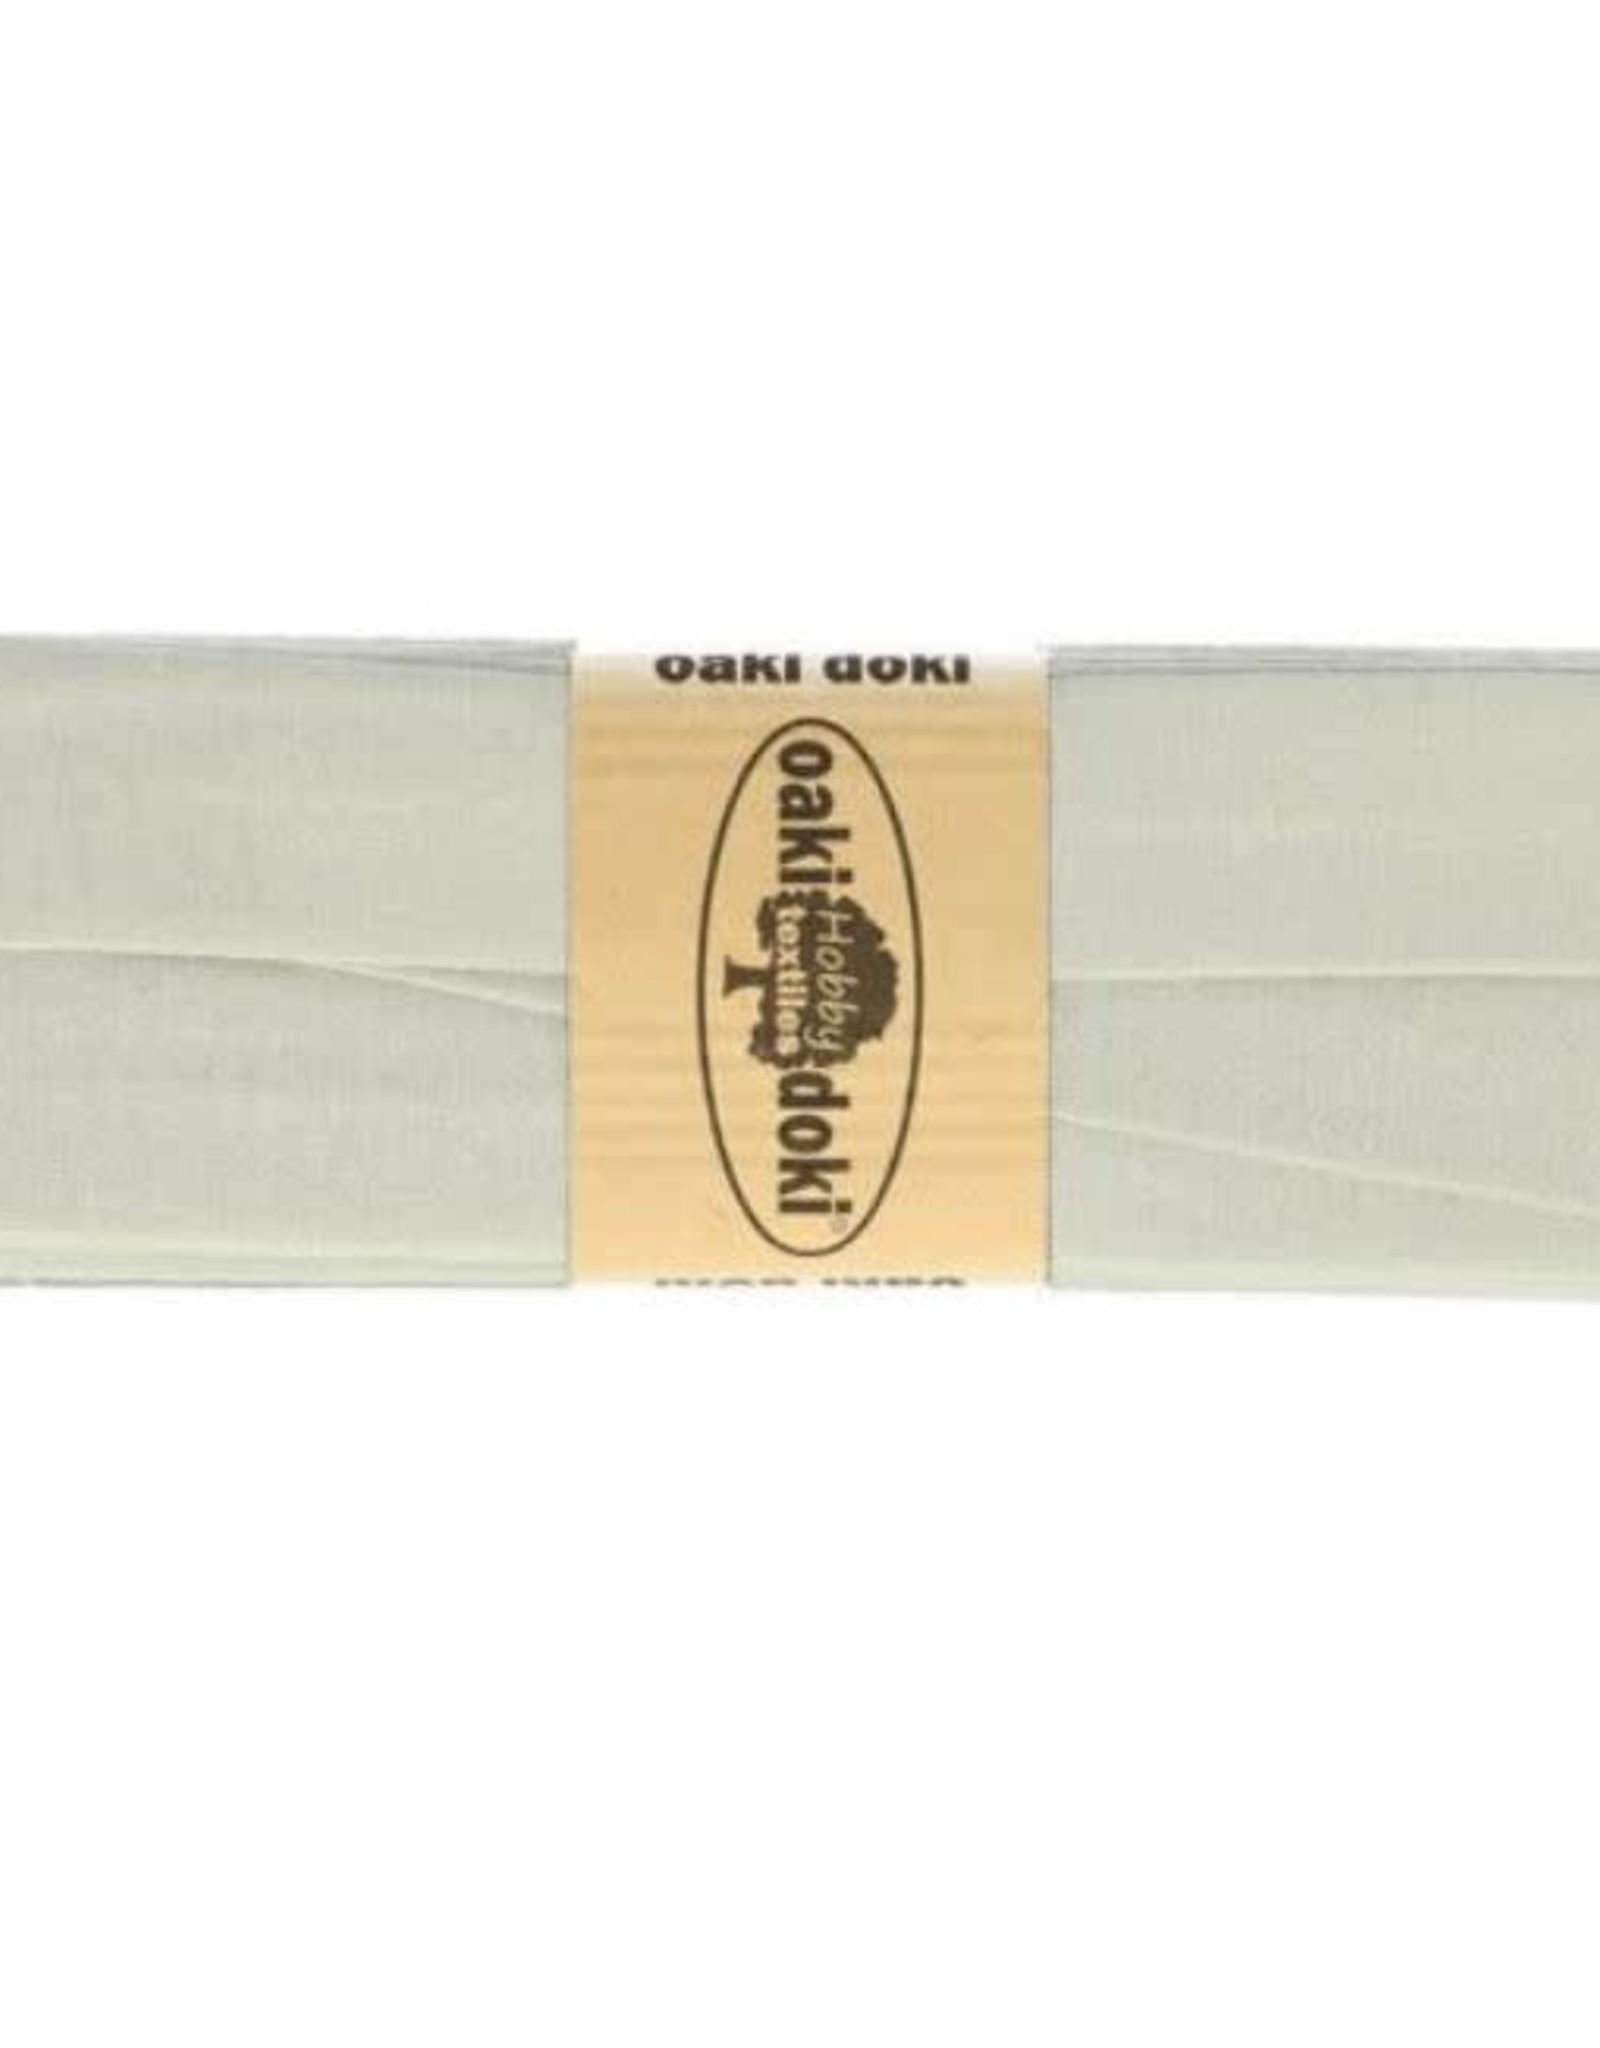 Oaki Doki Biais tricot de luxe Oaki Doki licht grijs 052